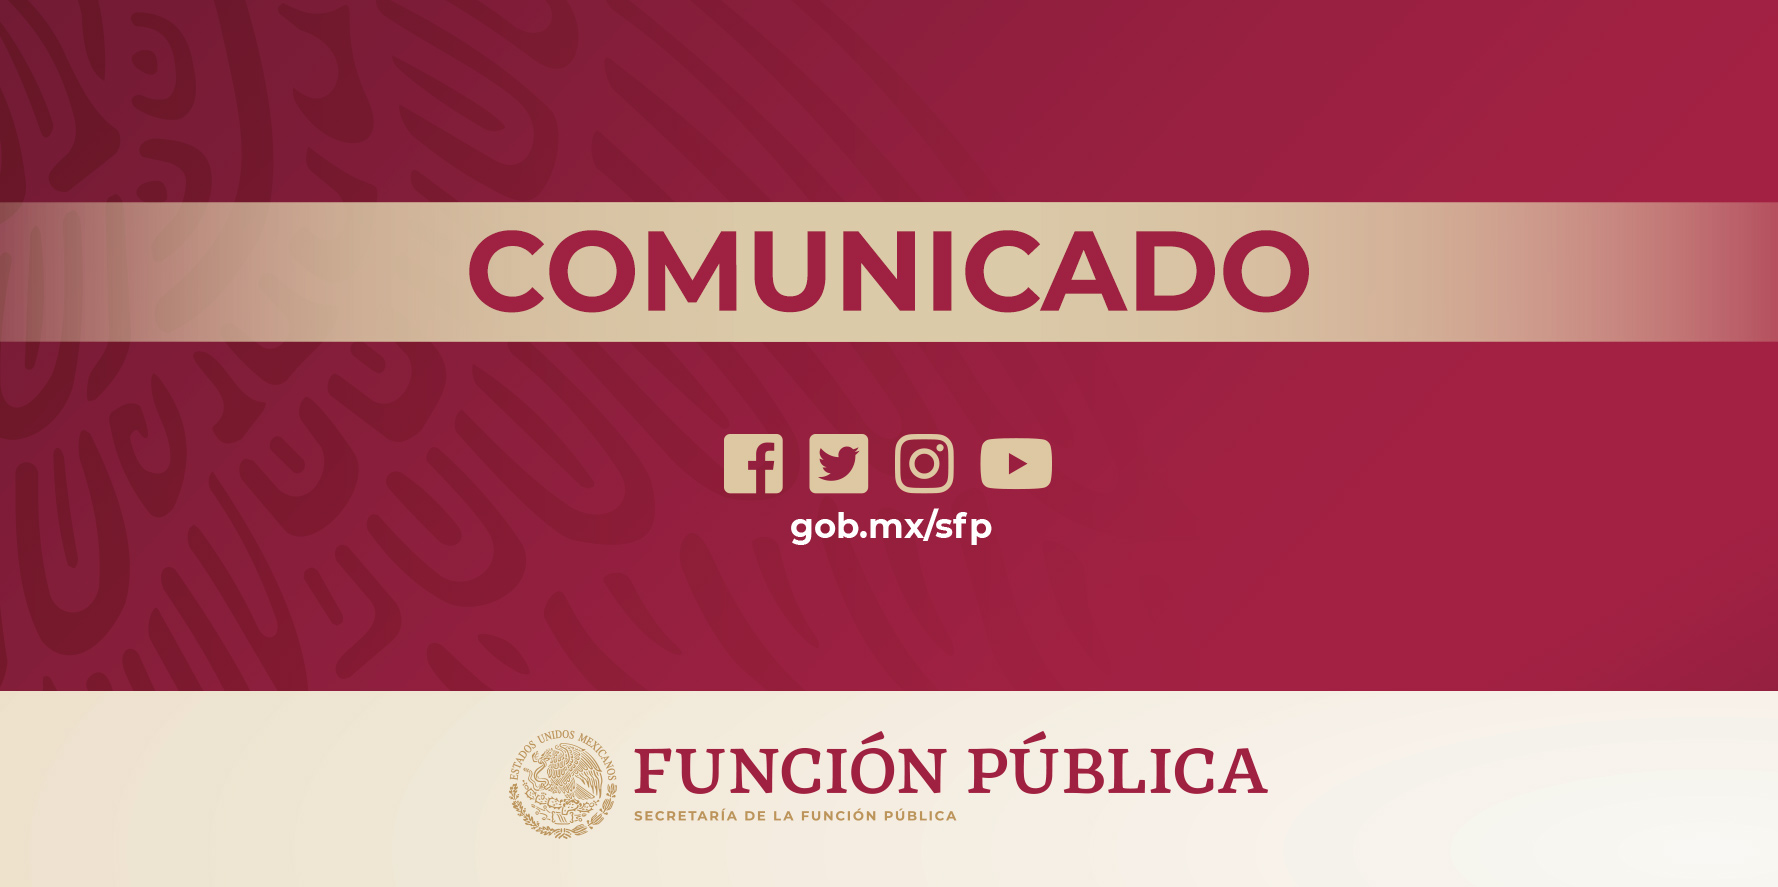 Función Pública mantiene vigilancia sobre compras públicas y recepción de denuncias durante contingencia por COVID-19